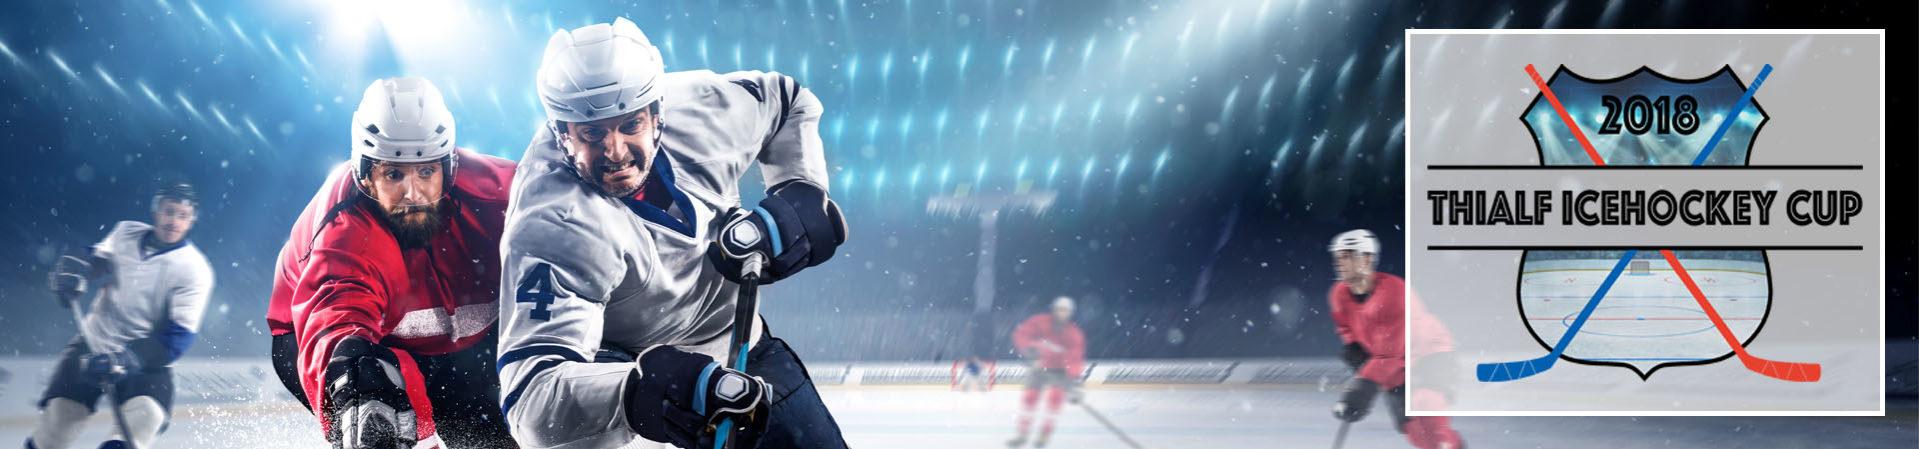 Thialf Icehockey Cup